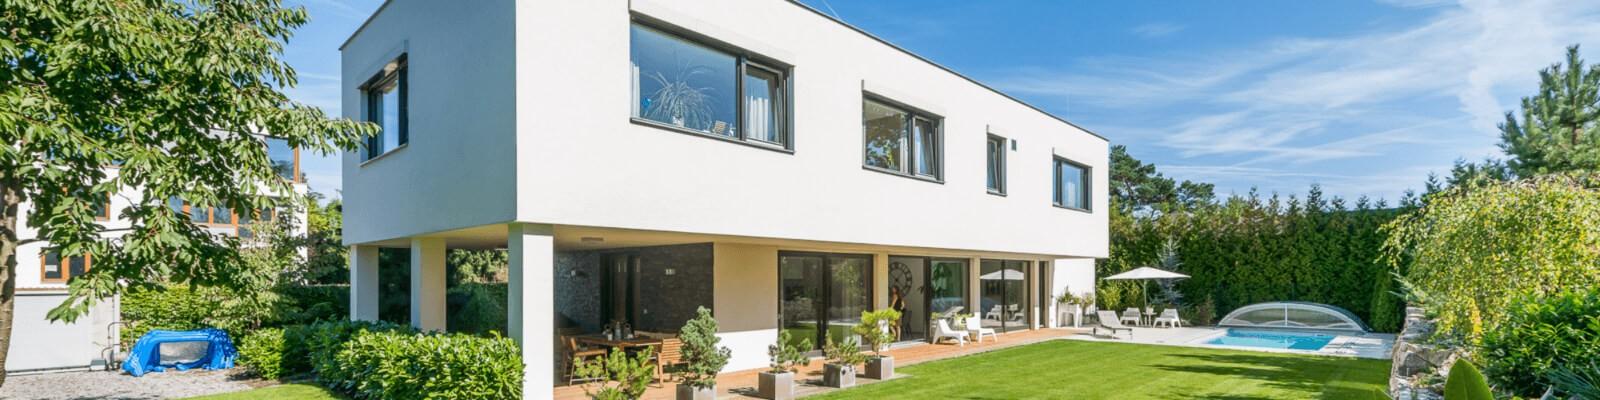 Immobilienmanagement und baugerechte Beratung